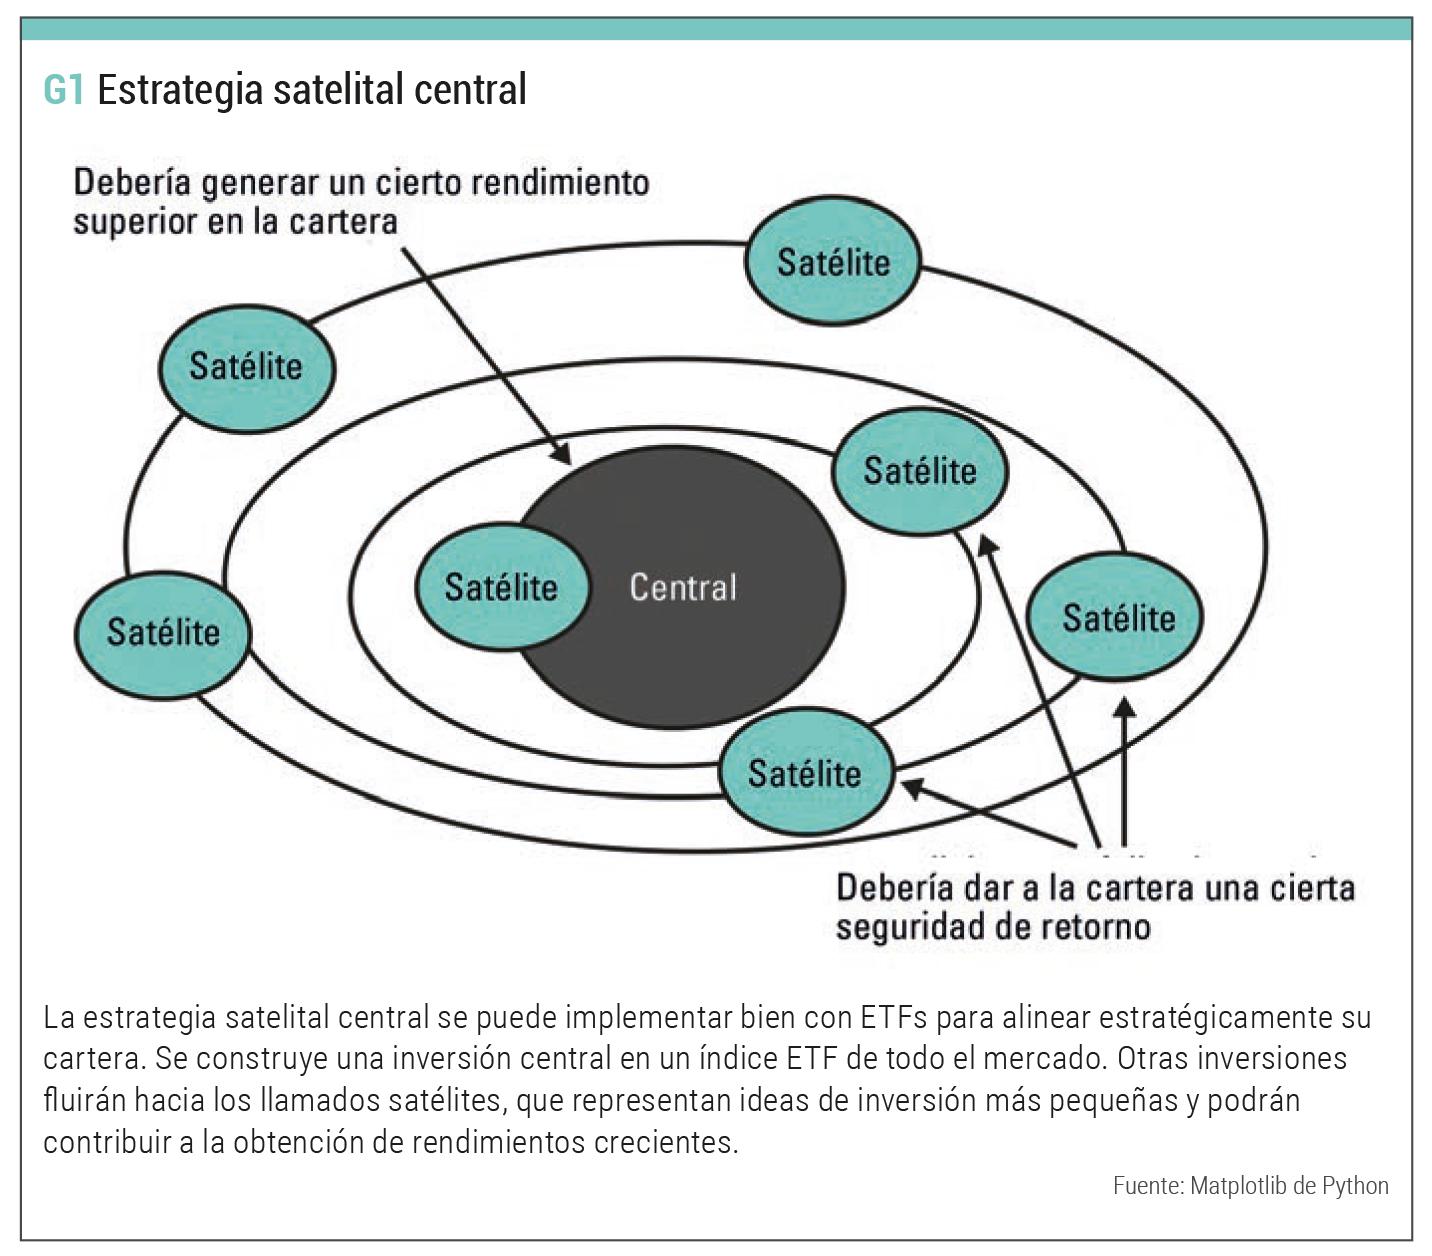 estrategia satelite central